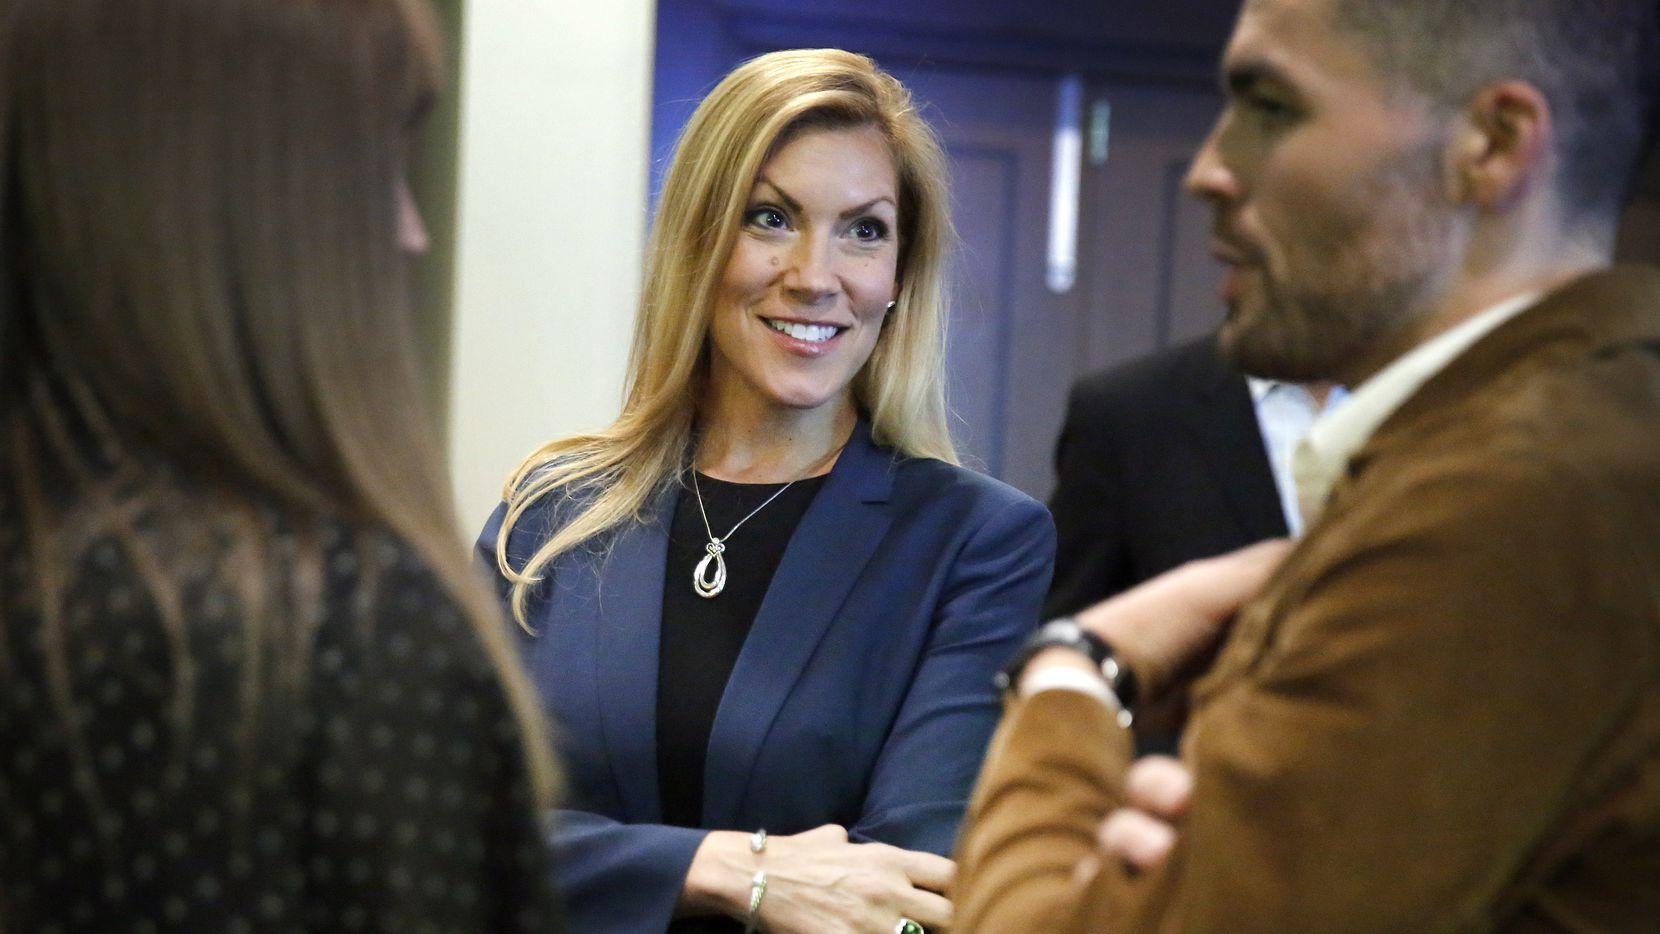 La republicana Beth Van Duyne aventajó a la candidata demócrata Candace Valenzuela por muy poco margen. La mayoría de sus votos los obtuvo en la parte del distrito 24 que corresponde al condado de Tarrant.